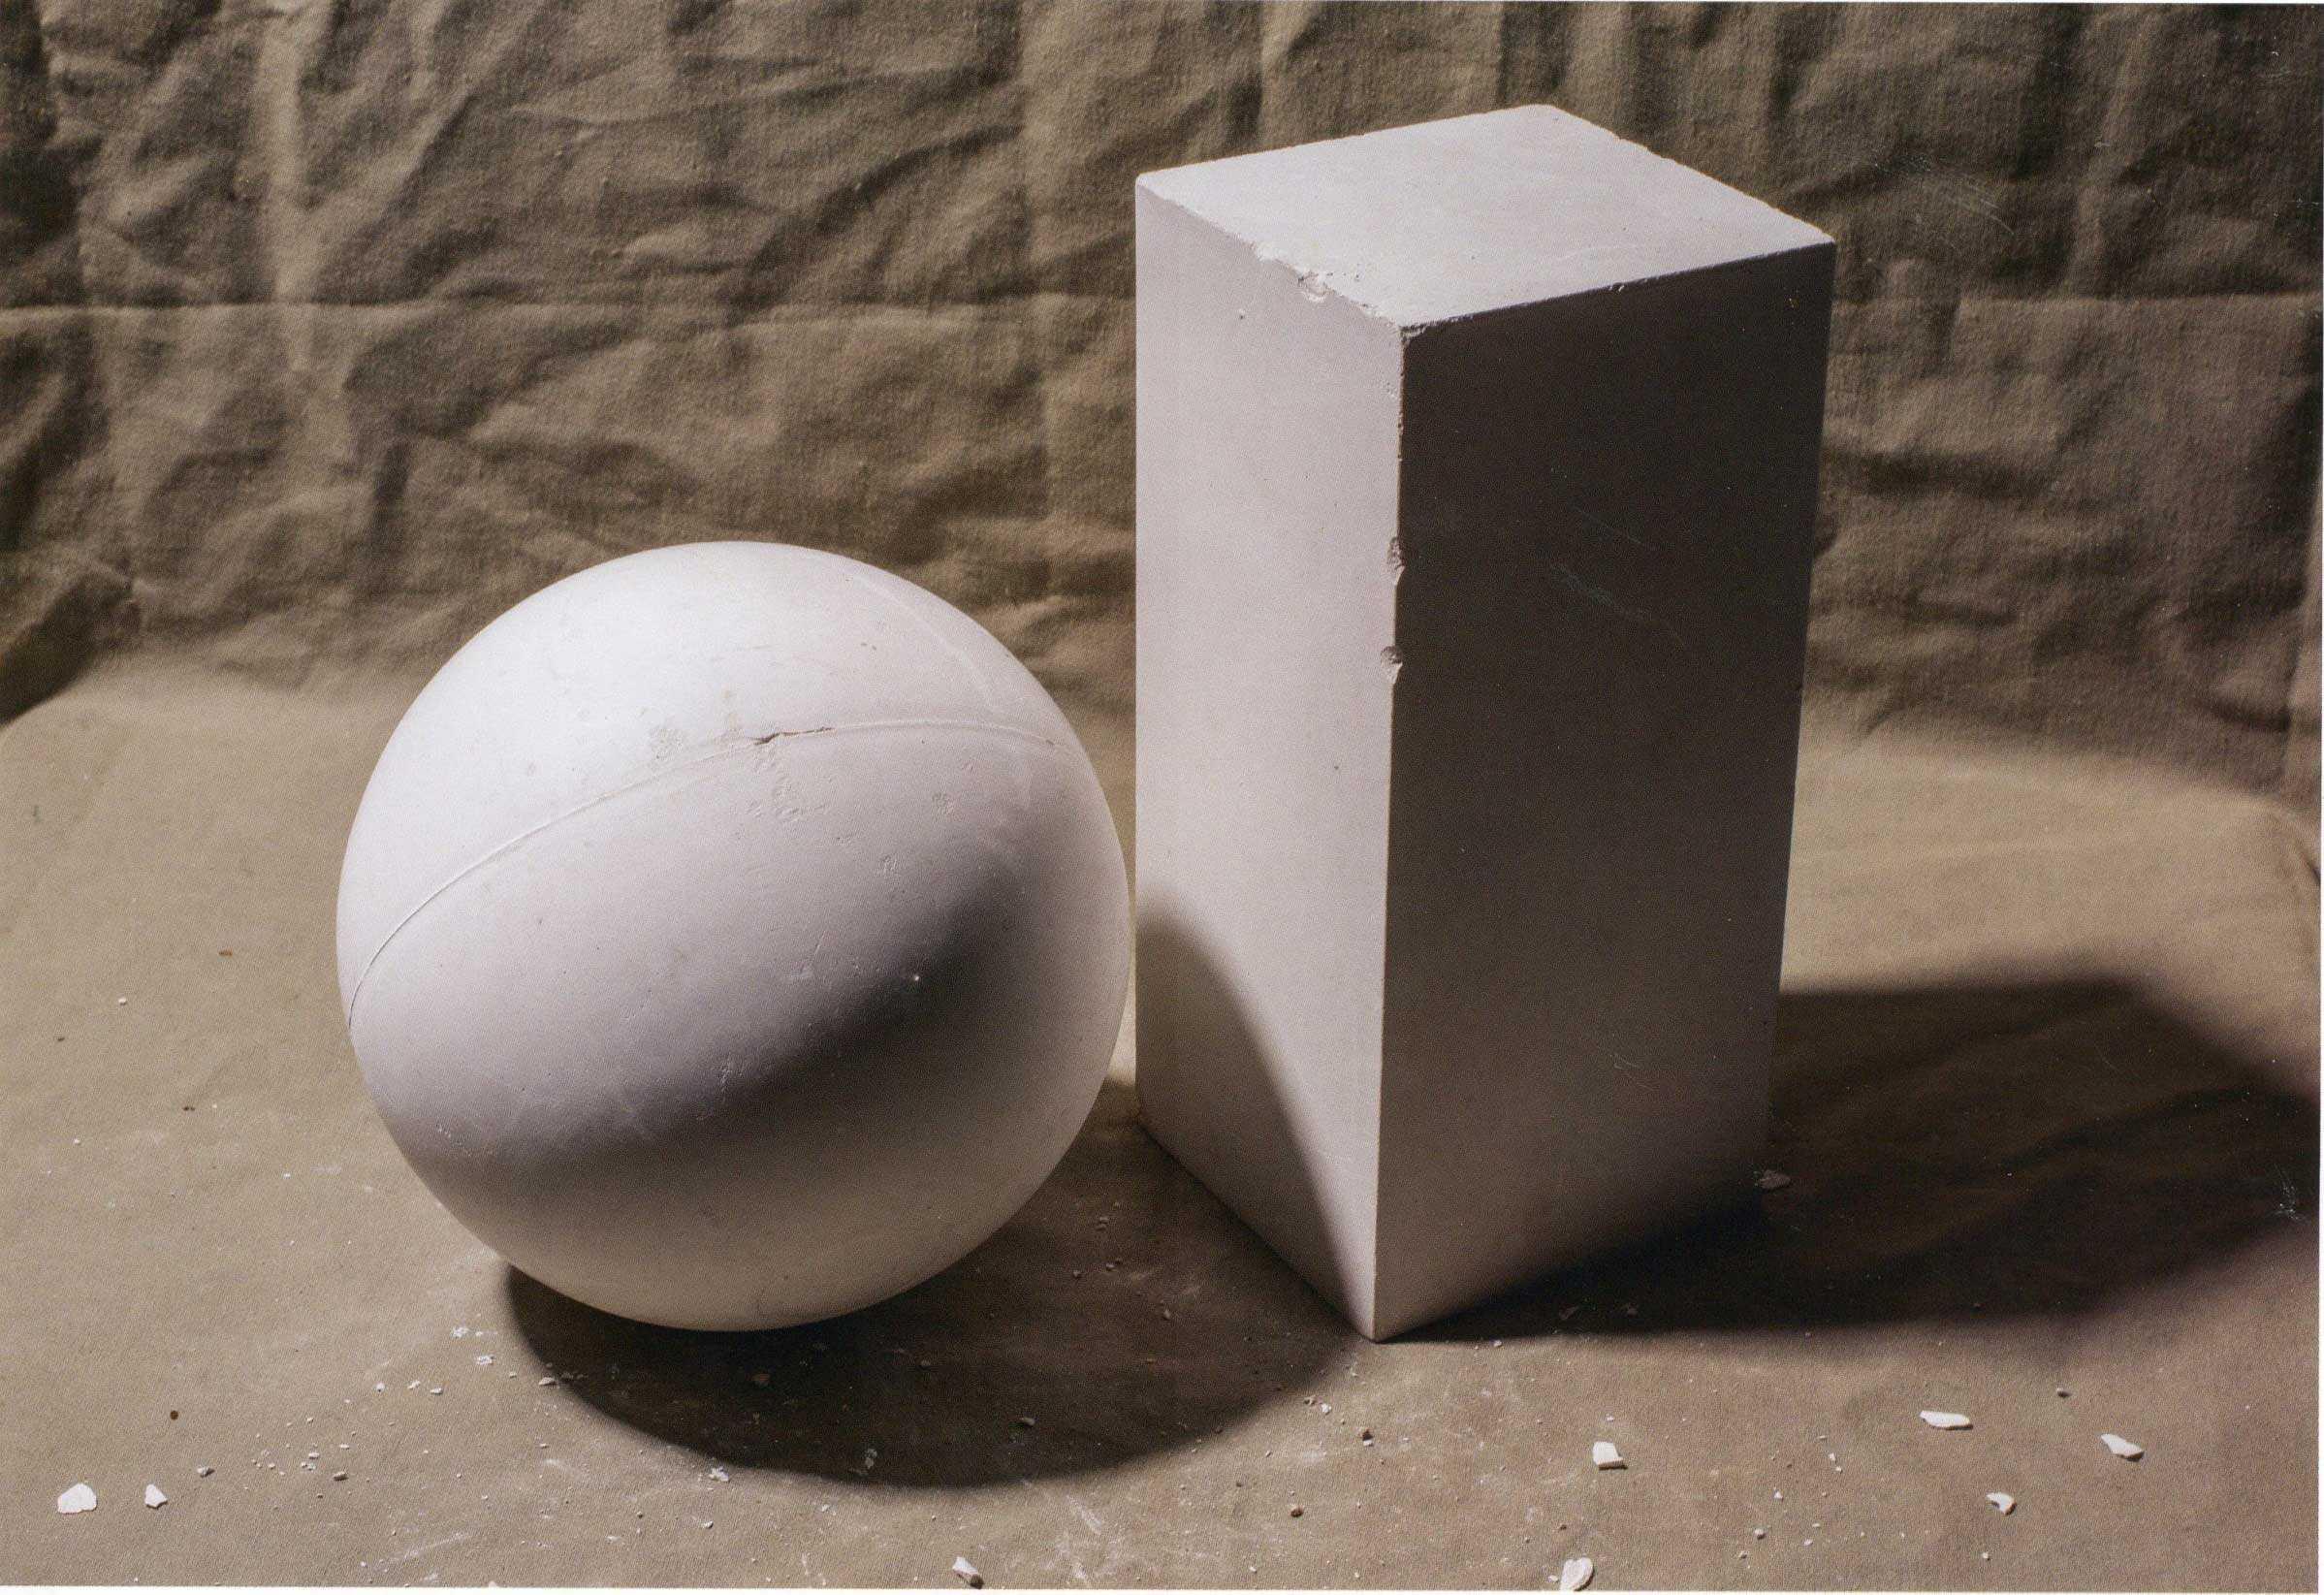 素描几何体道具组合,球体和长方体